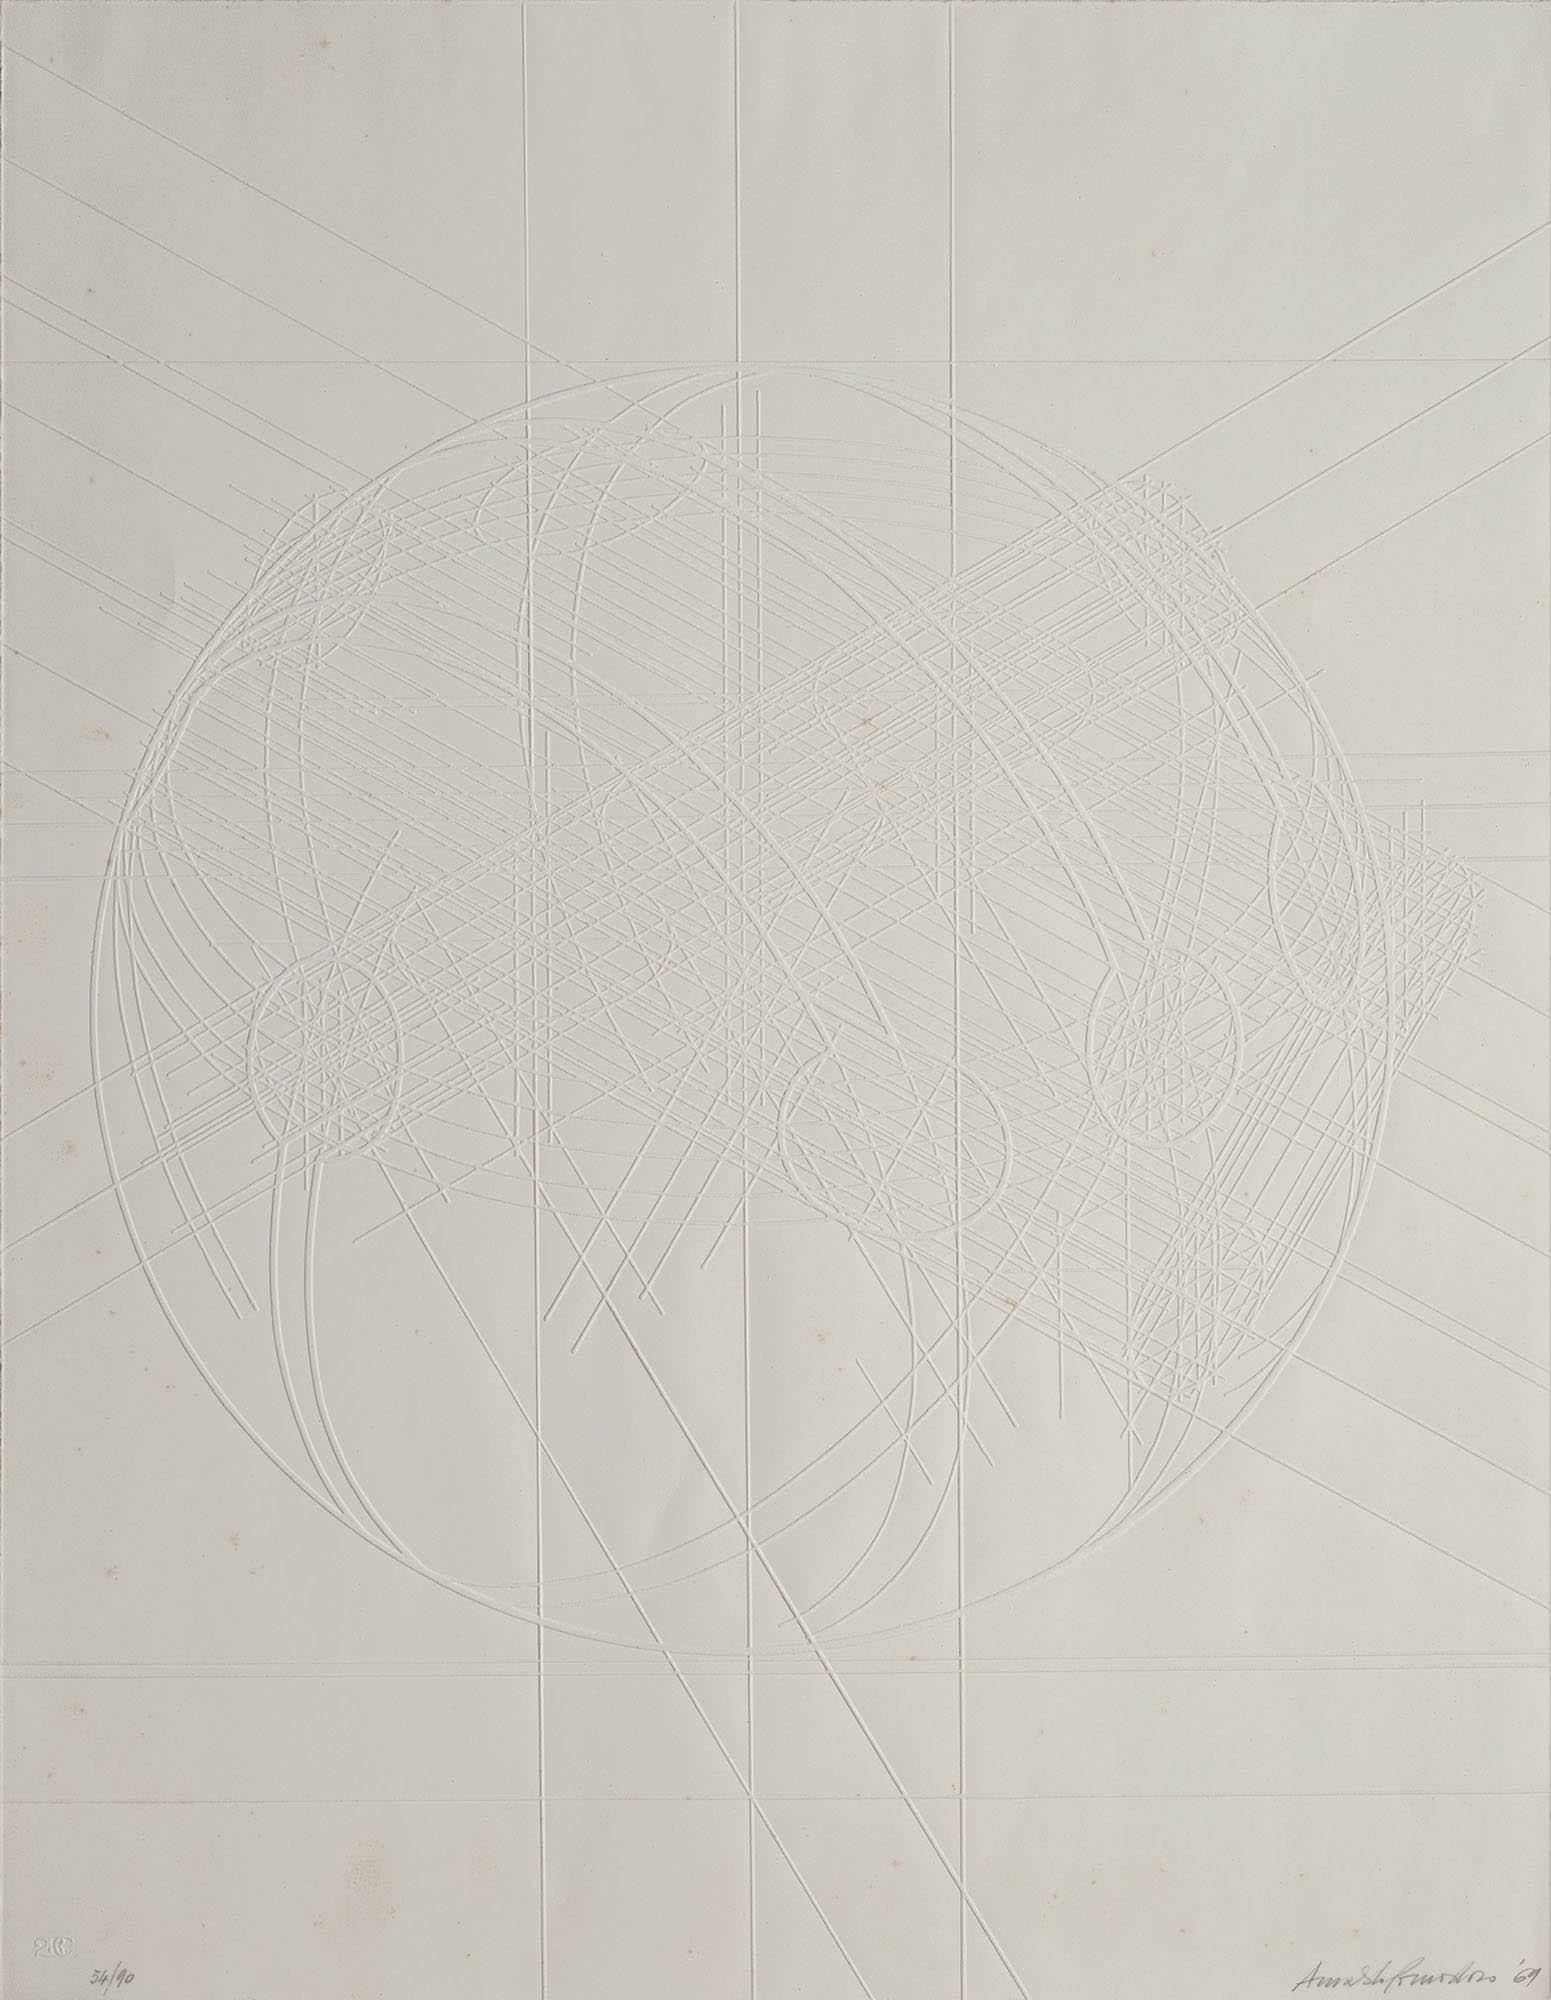 Senza titolo – bianco, 1969